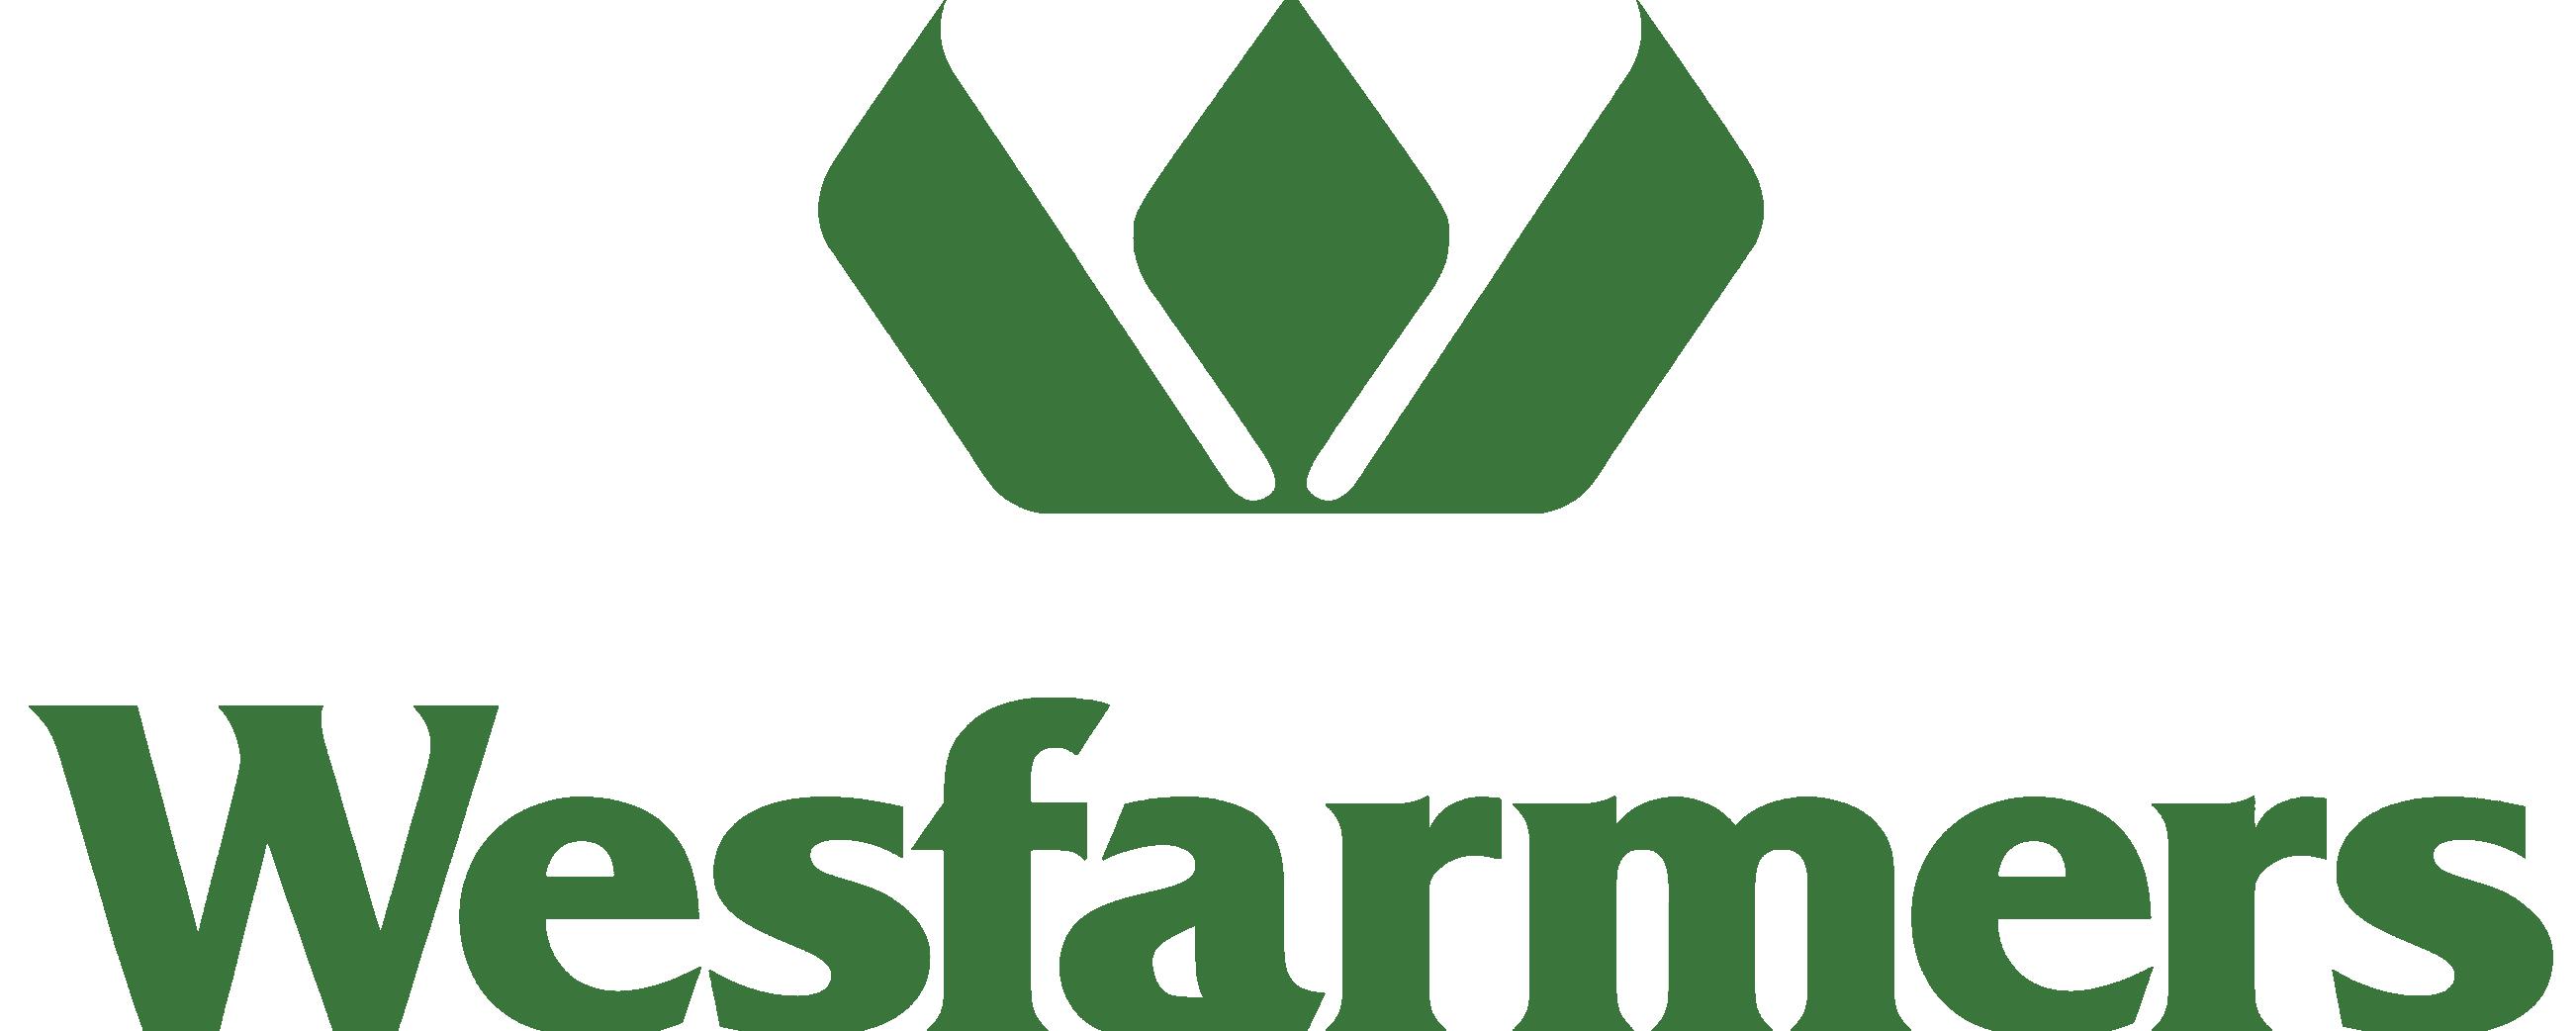 Wesfarmers (ASX:WES) Company Logo